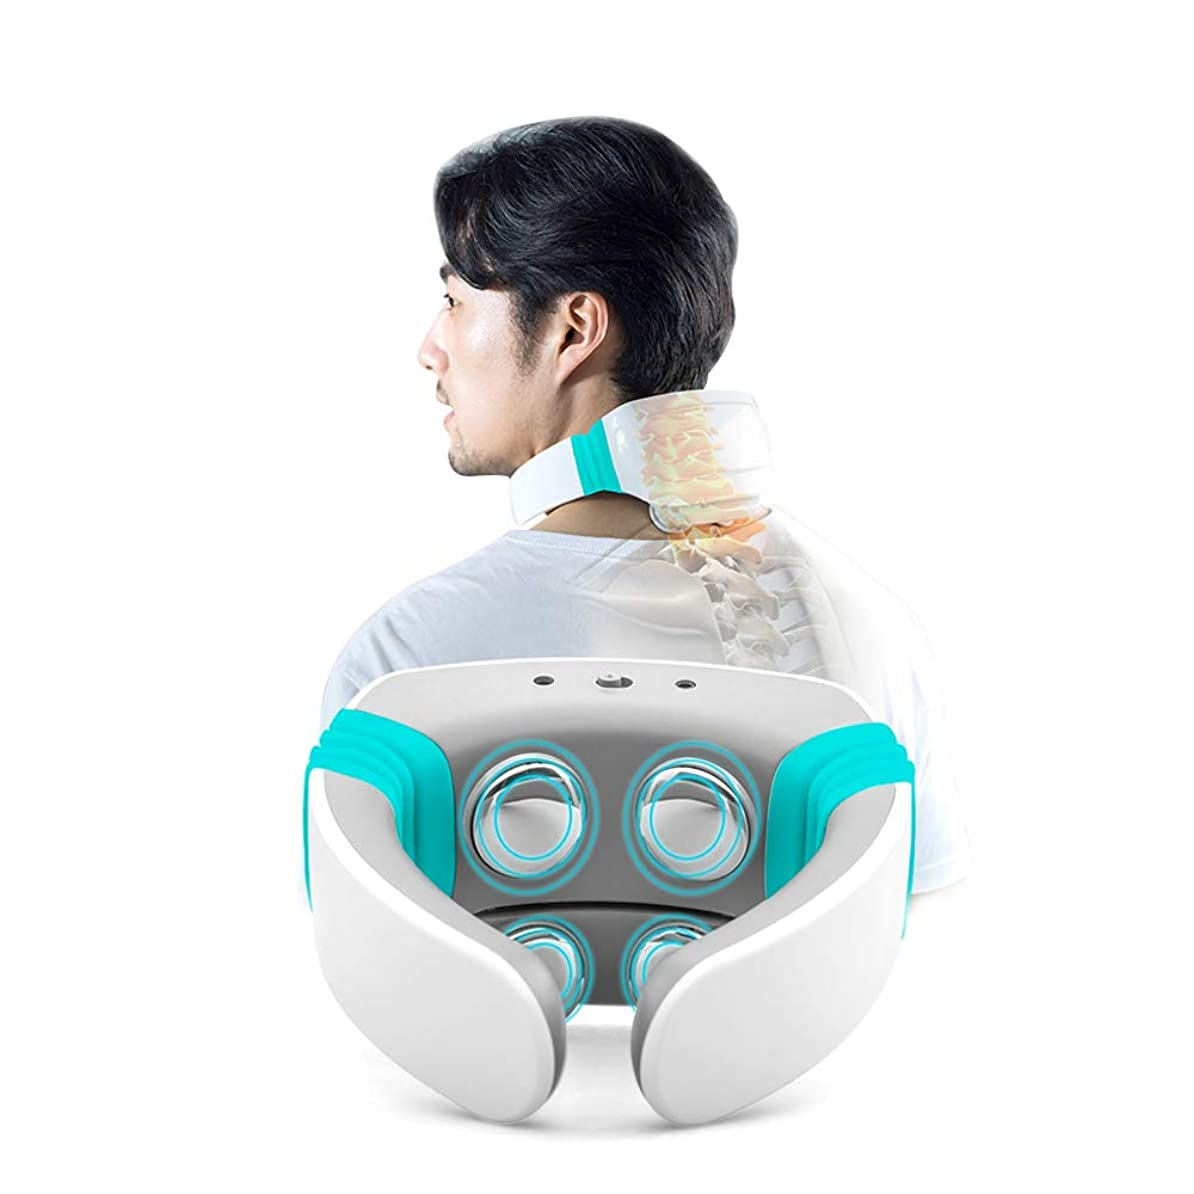 変形上がる数電気鍼治療の首マッサージャー指圧深部ティッシュポータブルデジタルネック治療用充電パッチマッサージワイヤレスリモートコントロール